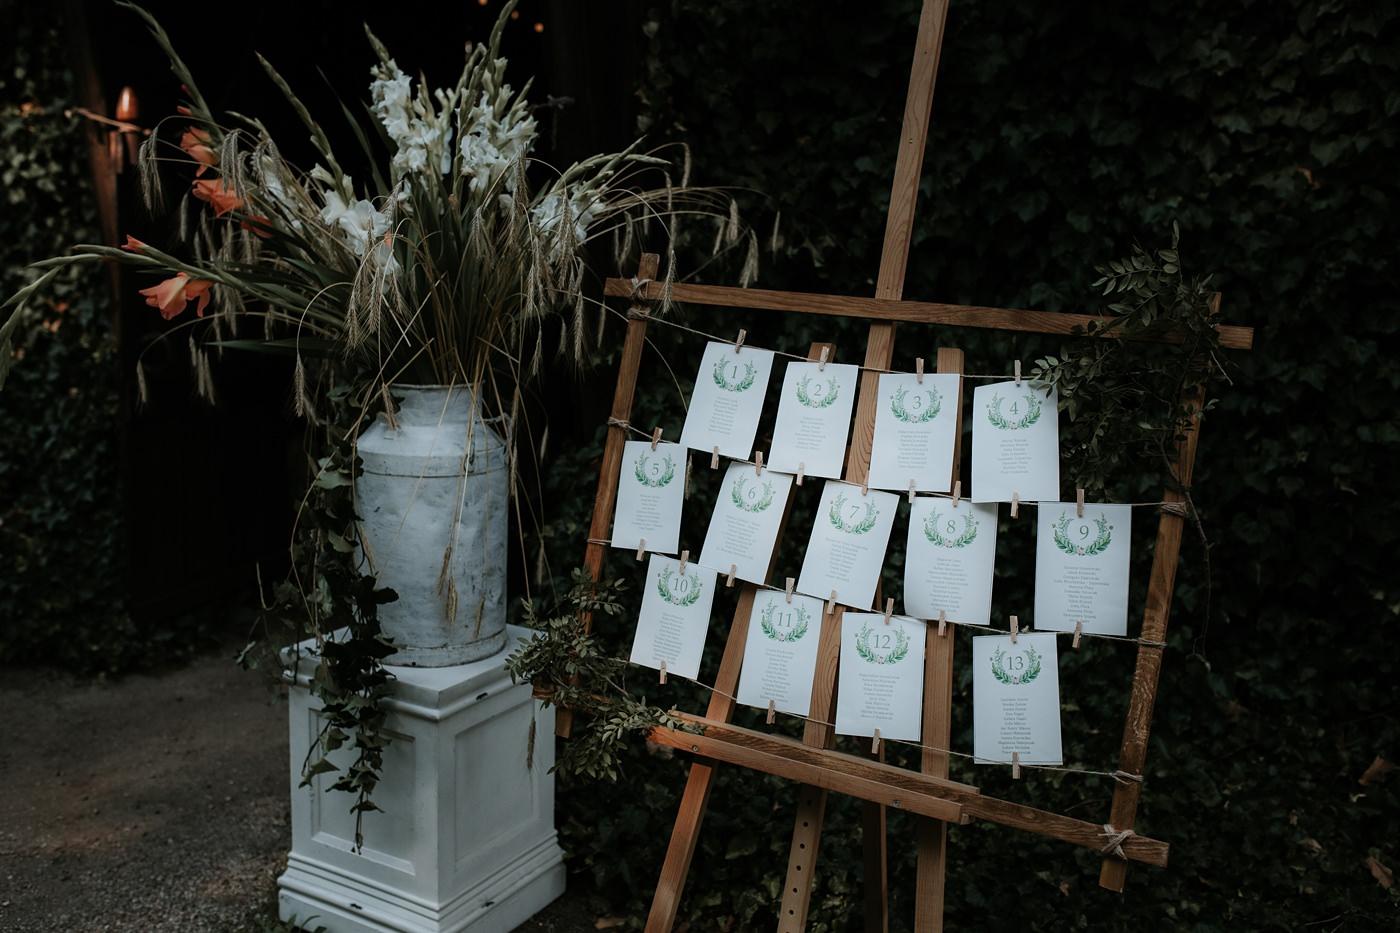 Dominika & Aleksander - Rustykalne wesele w stodole - Baborówko 69